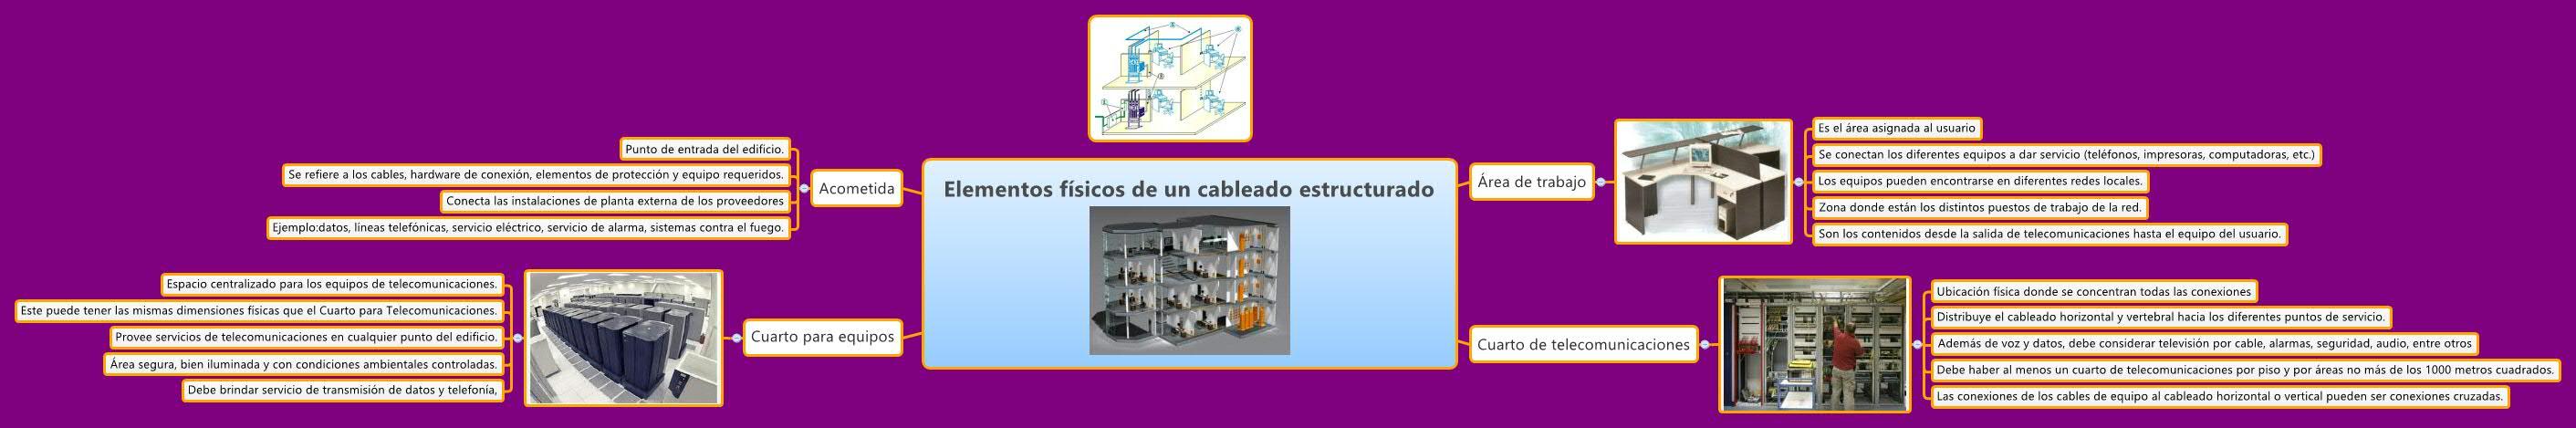 Elementos físicos de un cableado estructurado - XMind - Mind ...